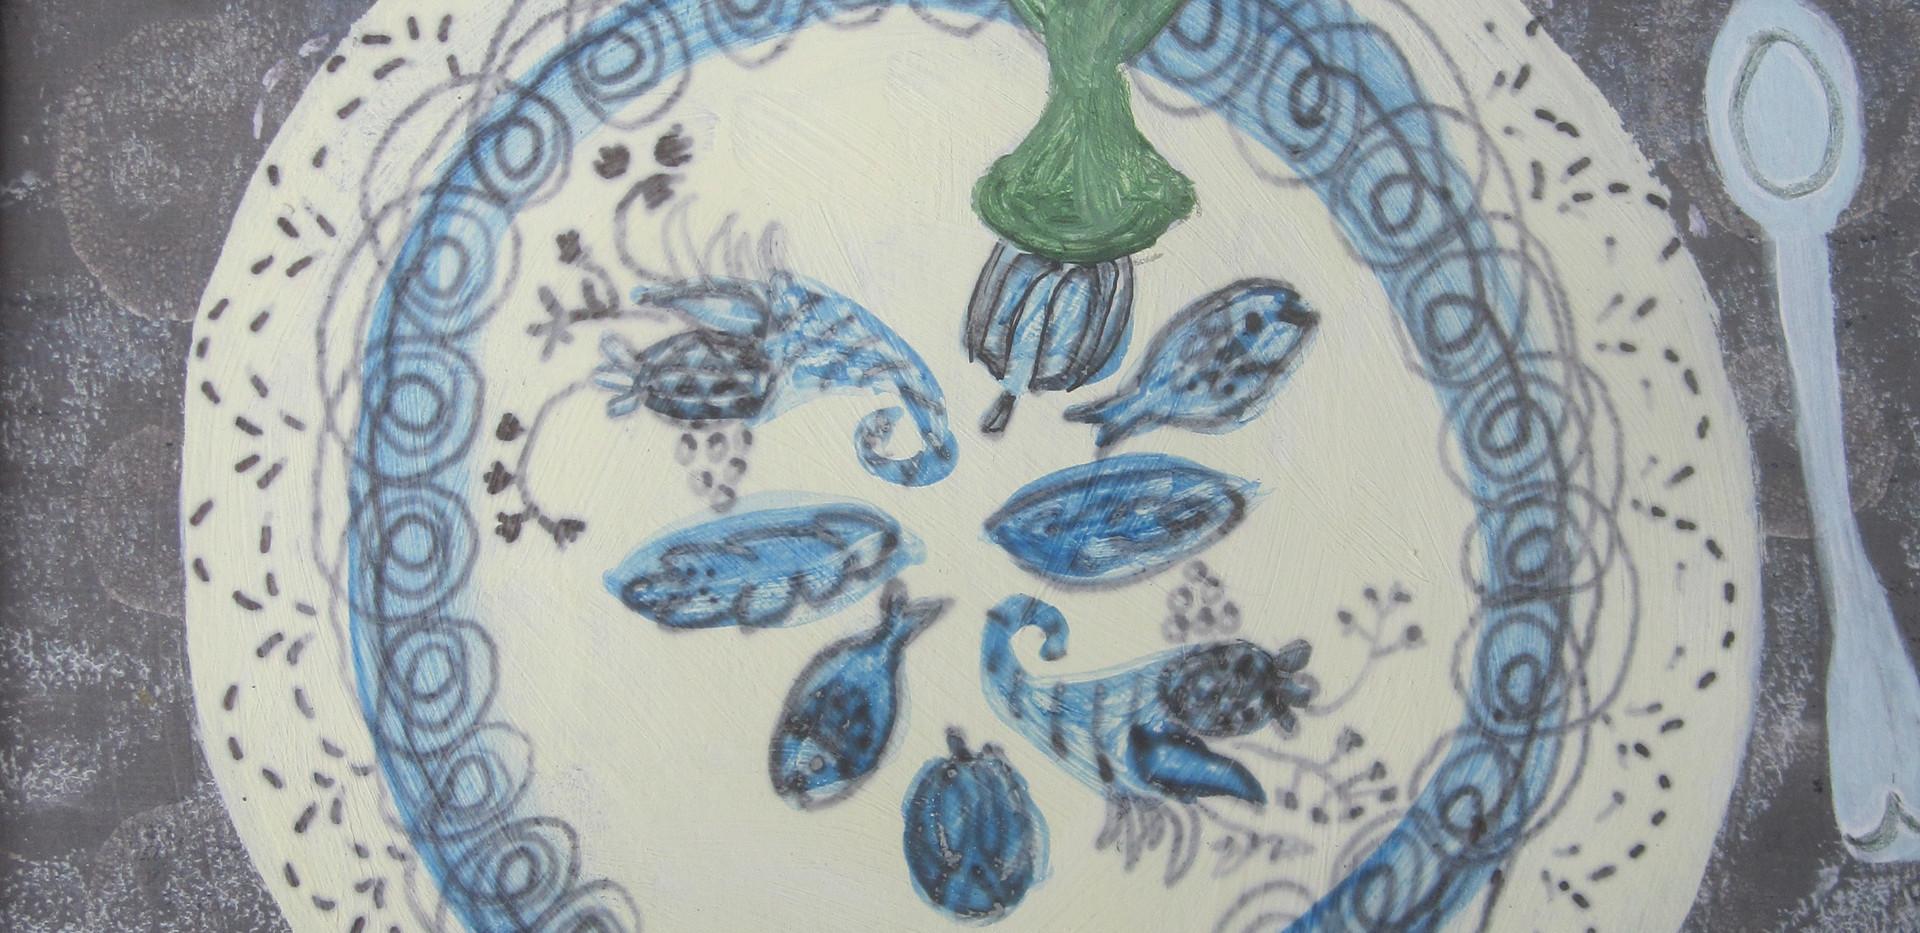 Autumn Tea, Mixed Media, Paper, 12x 17cm.  £95 + p&p